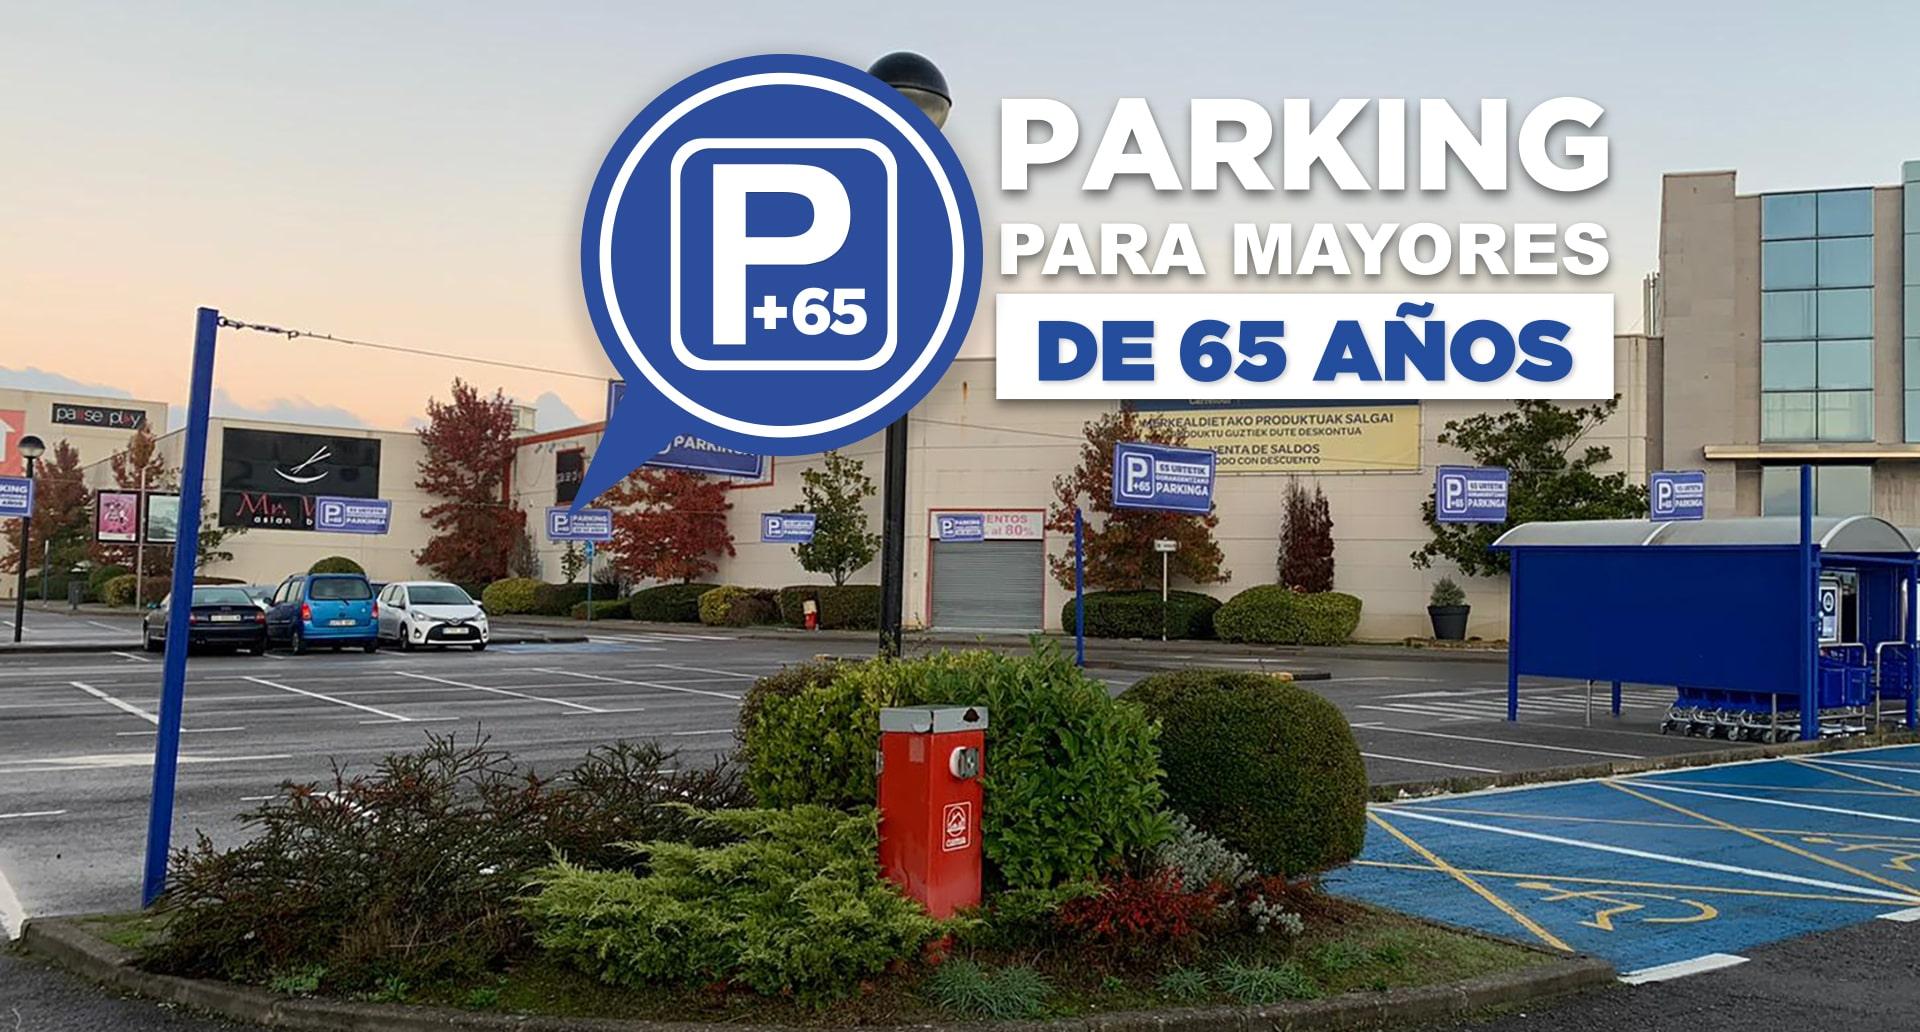 Accesos preferenciales para mayores de 65 años en el Parque Comercial Gorbeia